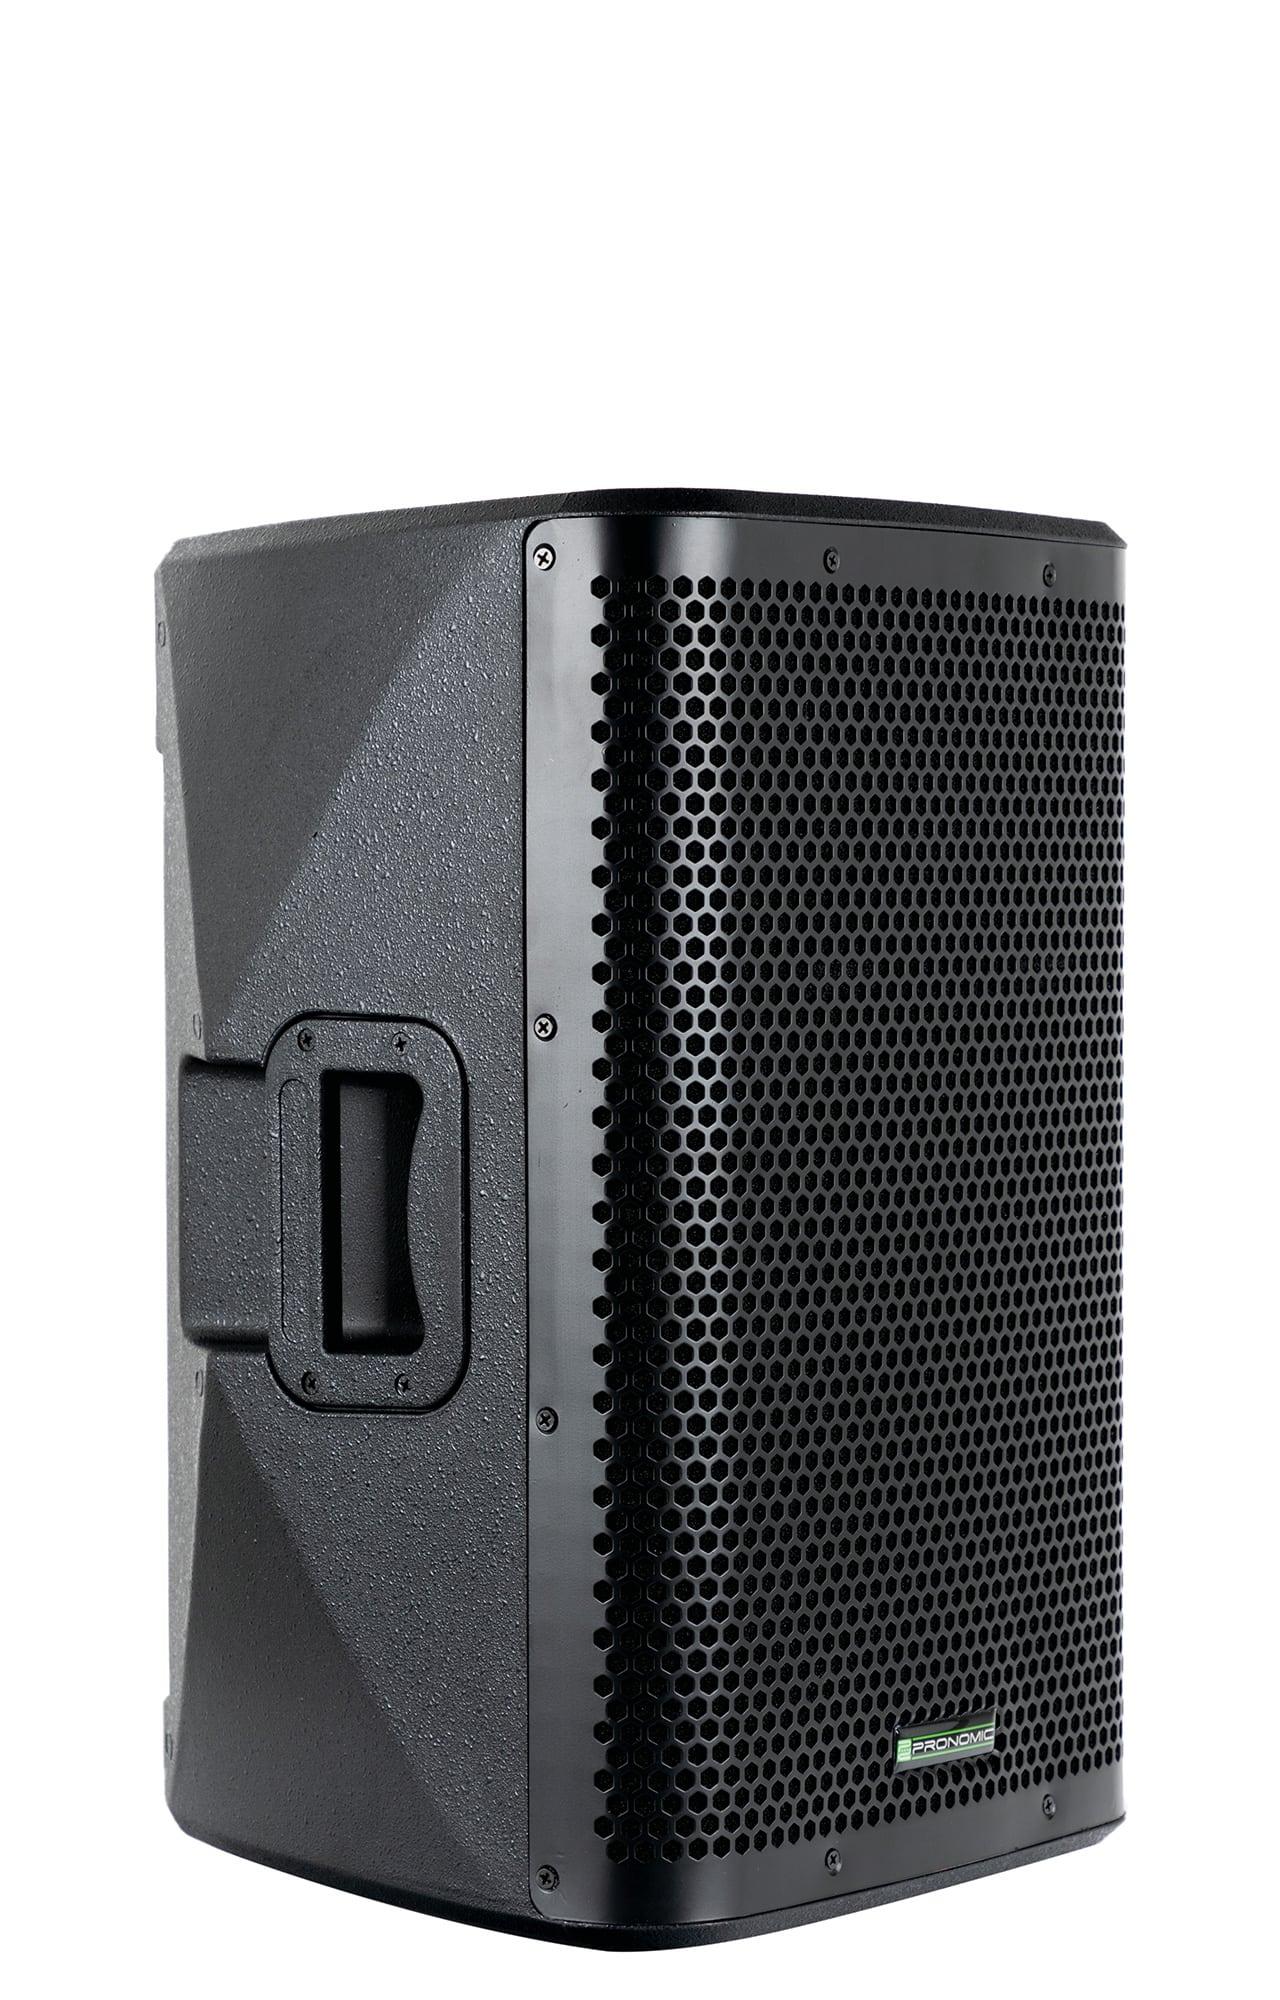 Paendstufen - Pronomic C 210 MA 10' Aktivbox 400 Watt Retoure (Zustand sehr gut) - Onlineshop Musikhaus Kirstein